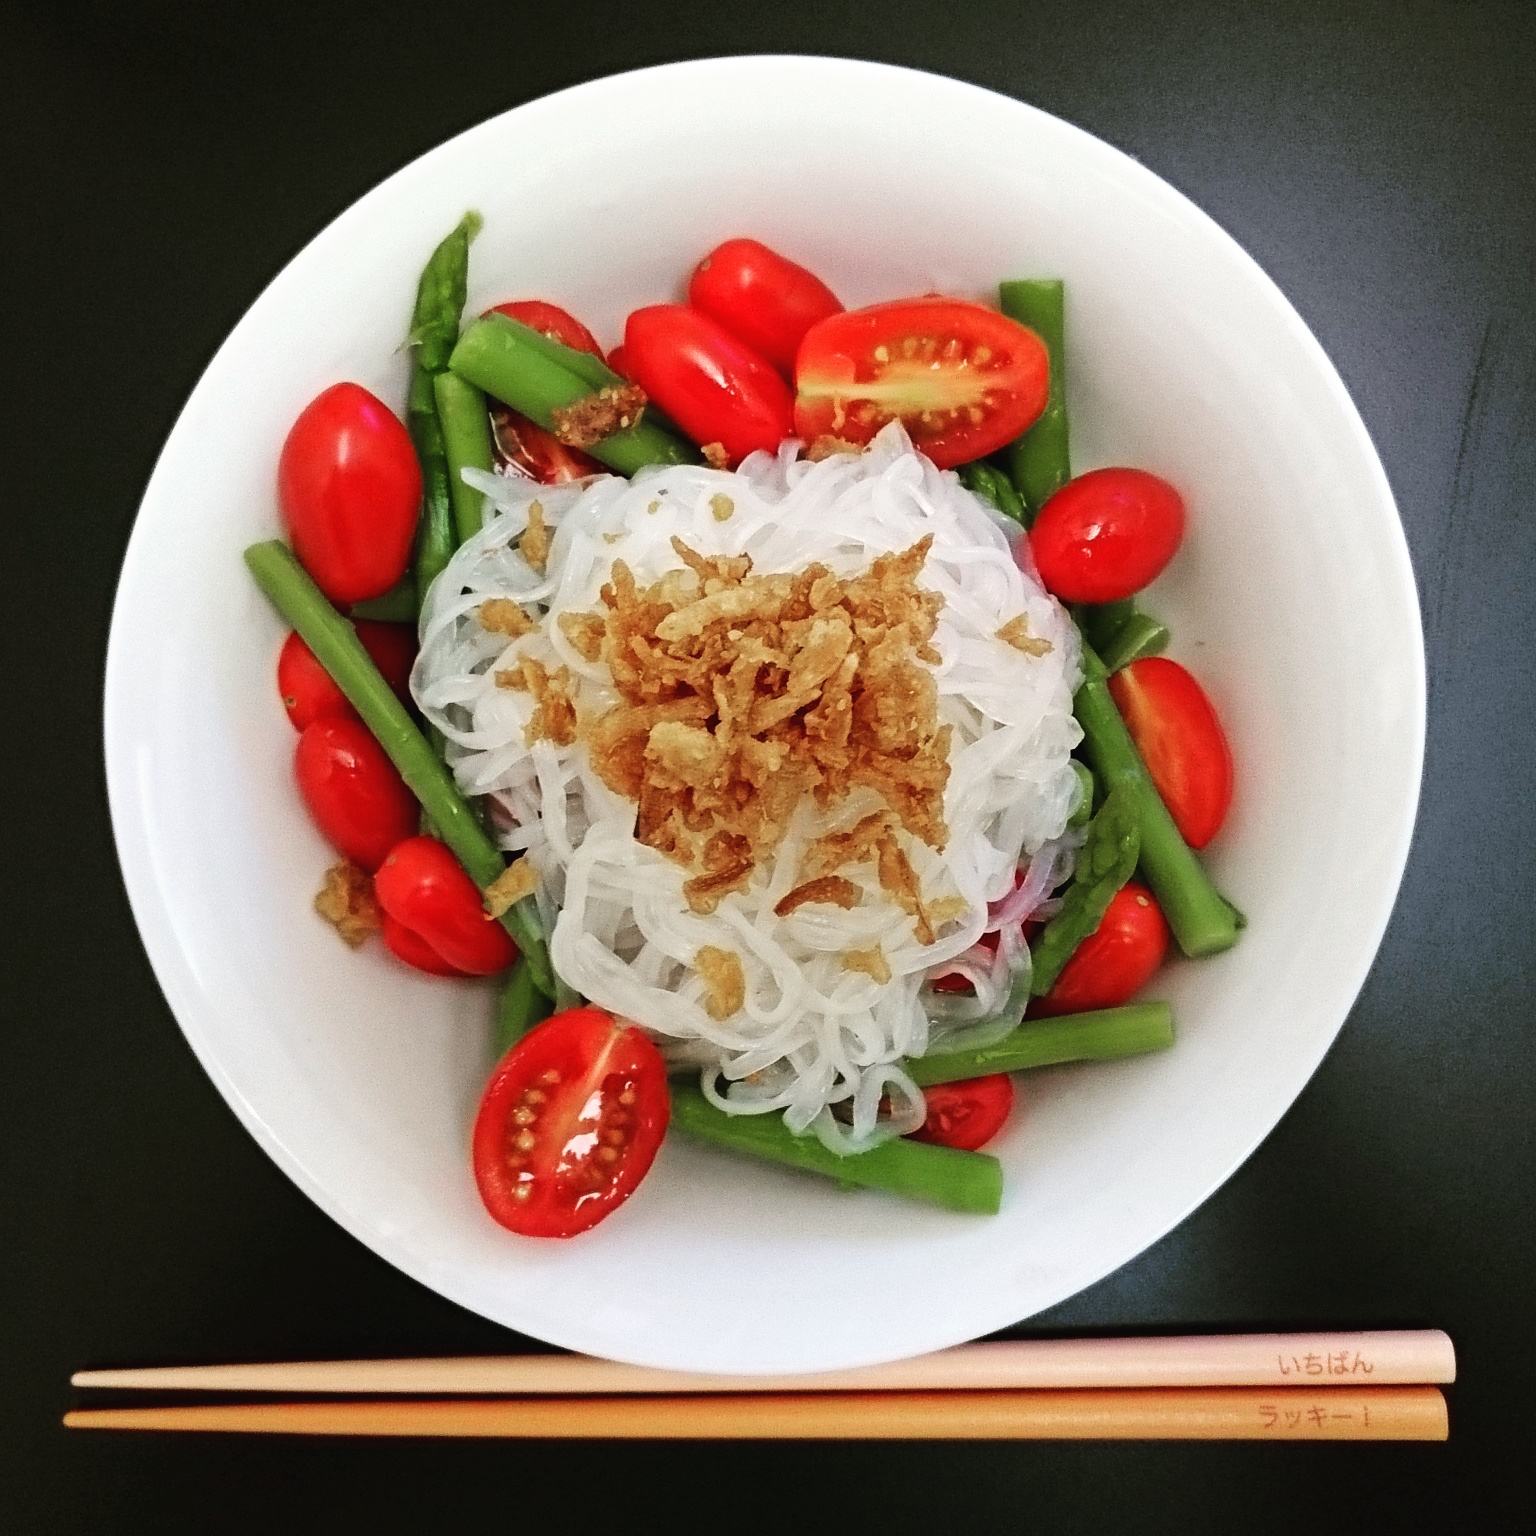 蕃茄蘆筍芋絲柚子醋沙律